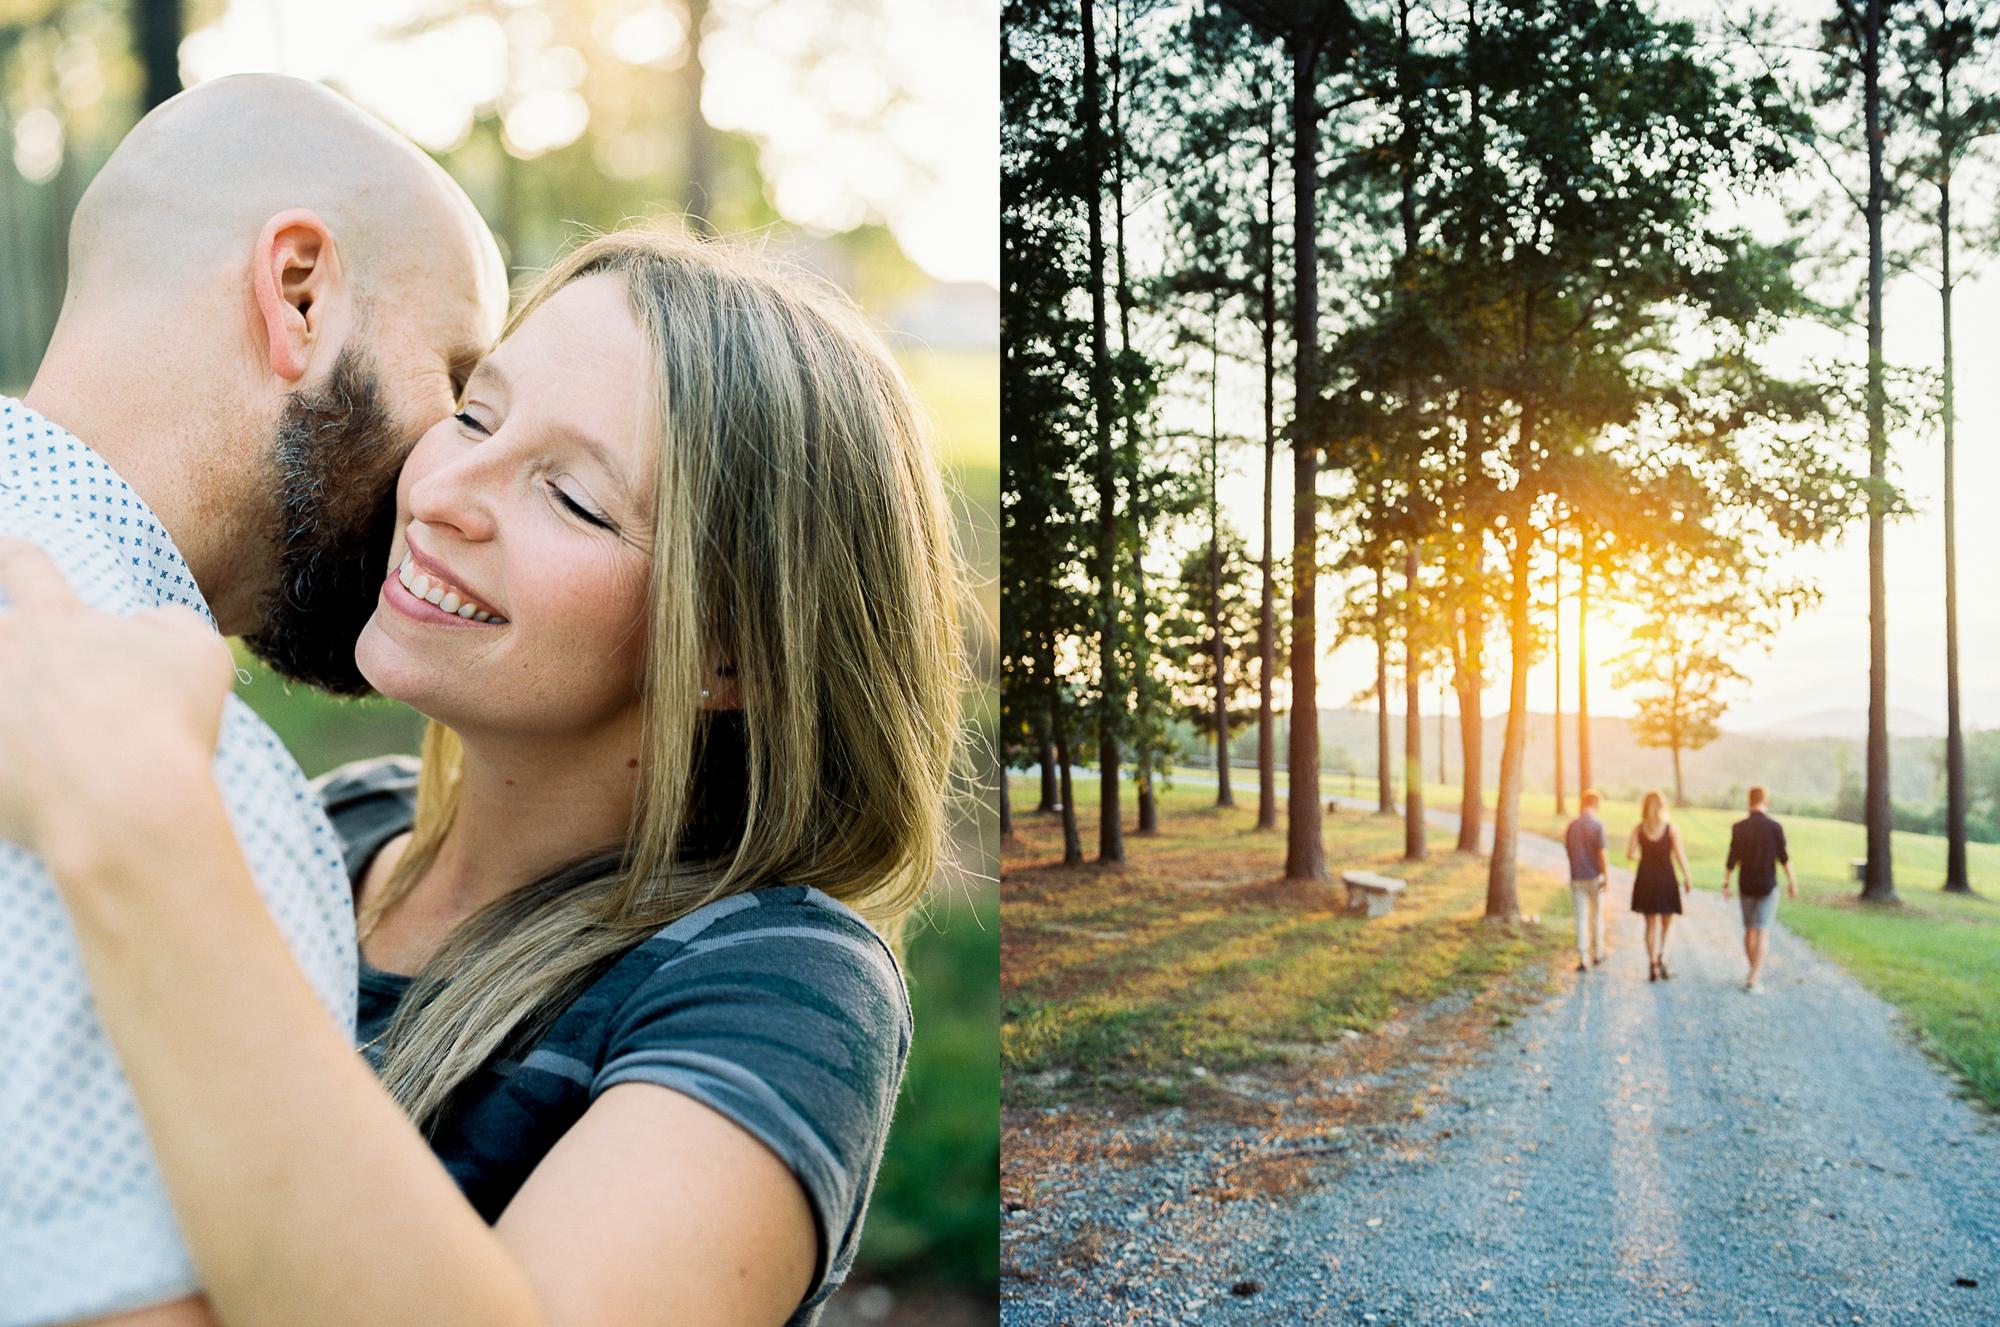 sierra-vista-family-session-charlotte-best-photographer-wedding-family-2.jpg